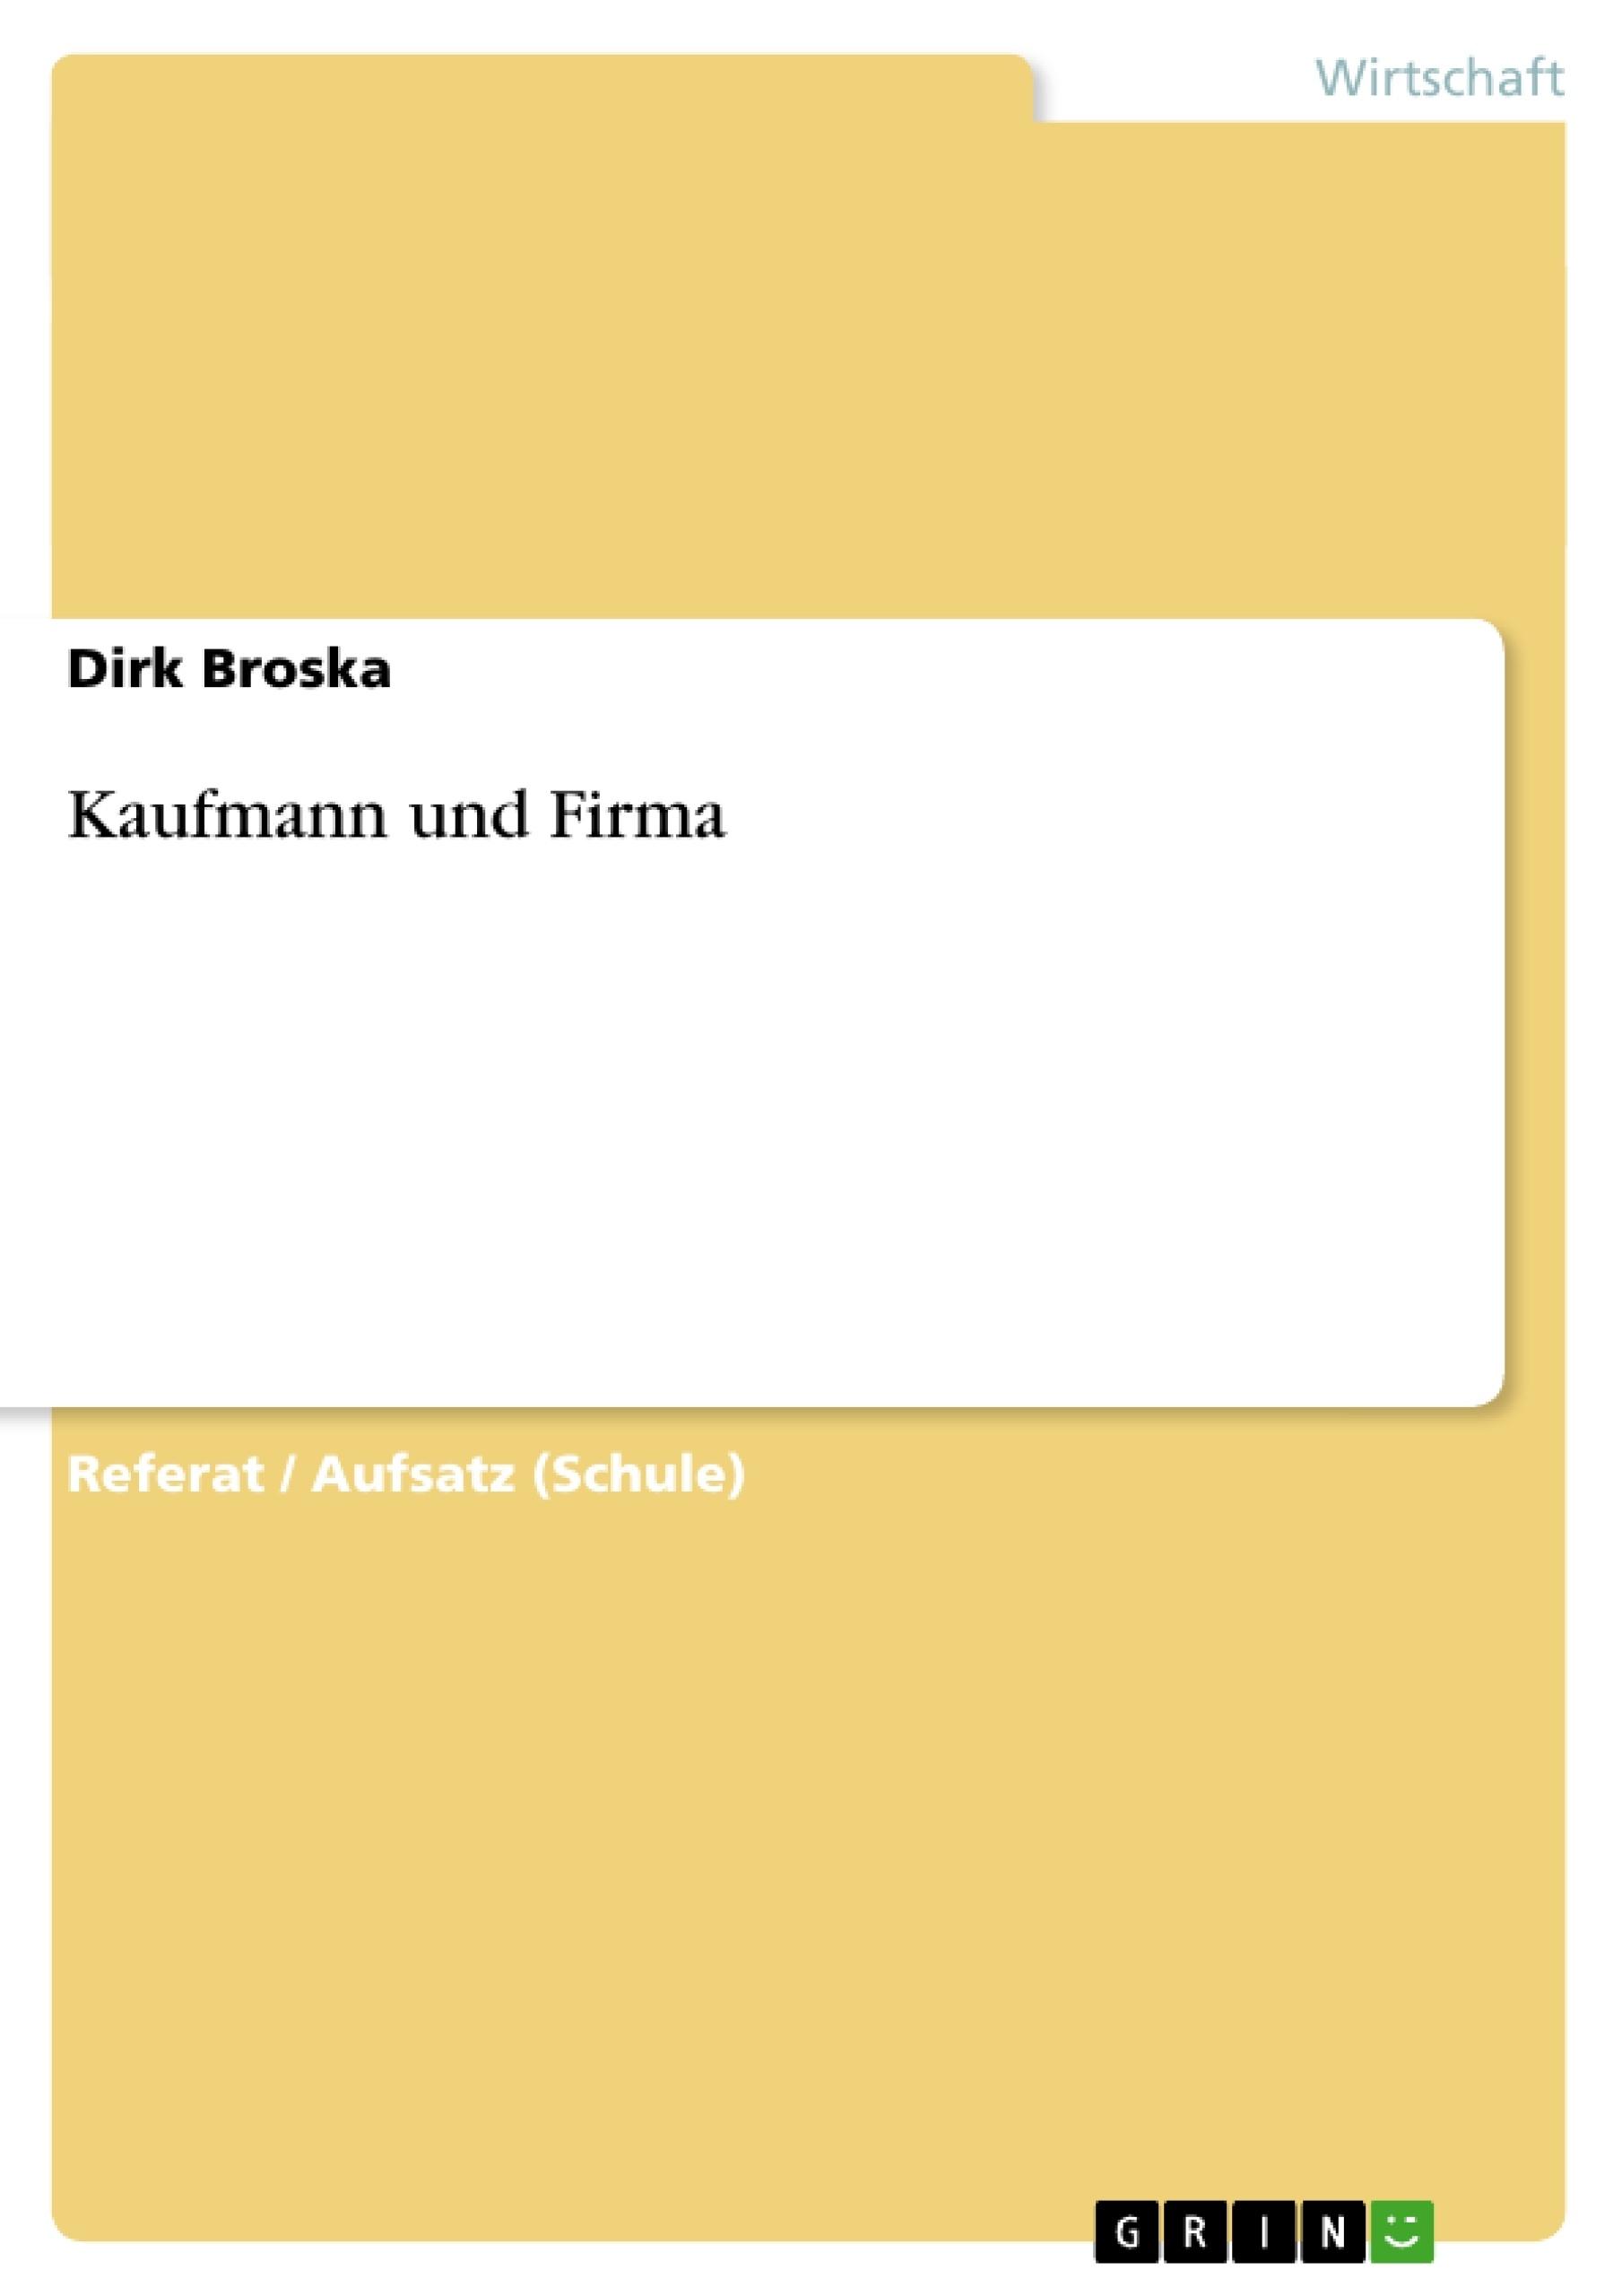 Titel: Kaufmann und Firma